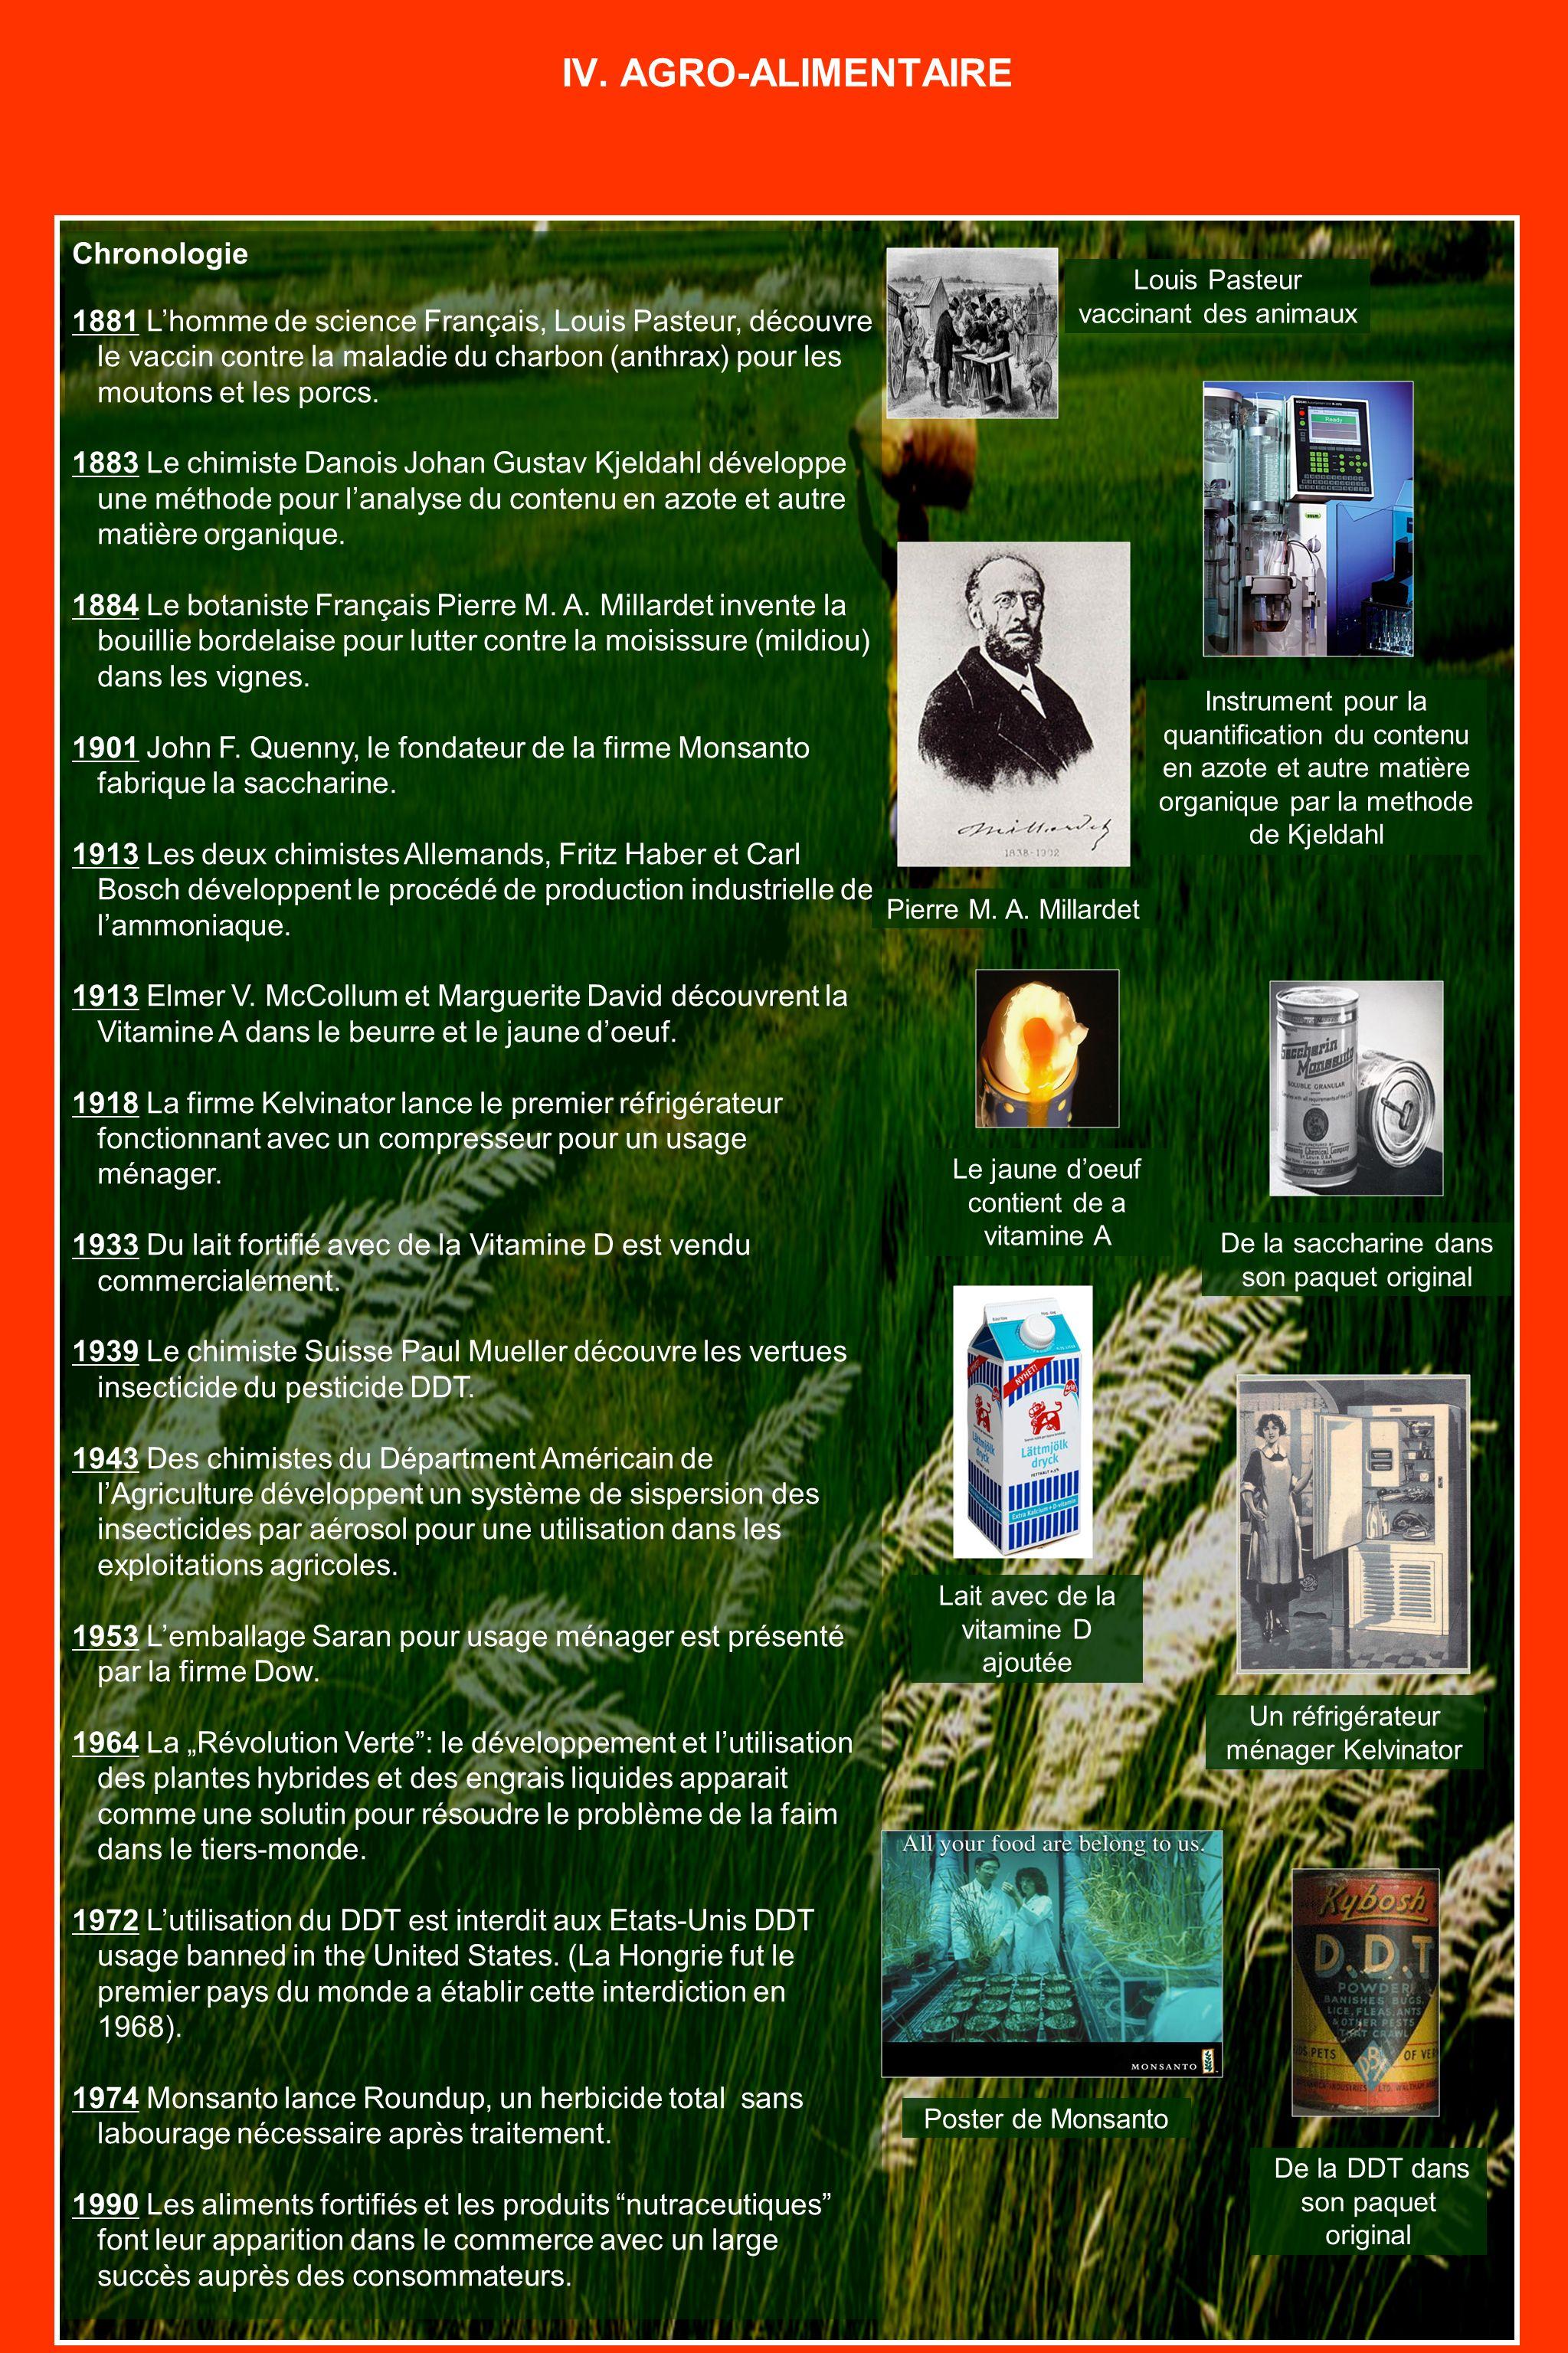 Chronologie 1881 Lhomme de science Français, Louis Pasteur, découvre le vaccin contre la maladie du charbon (anthrax) pour les moutons et les porcs.